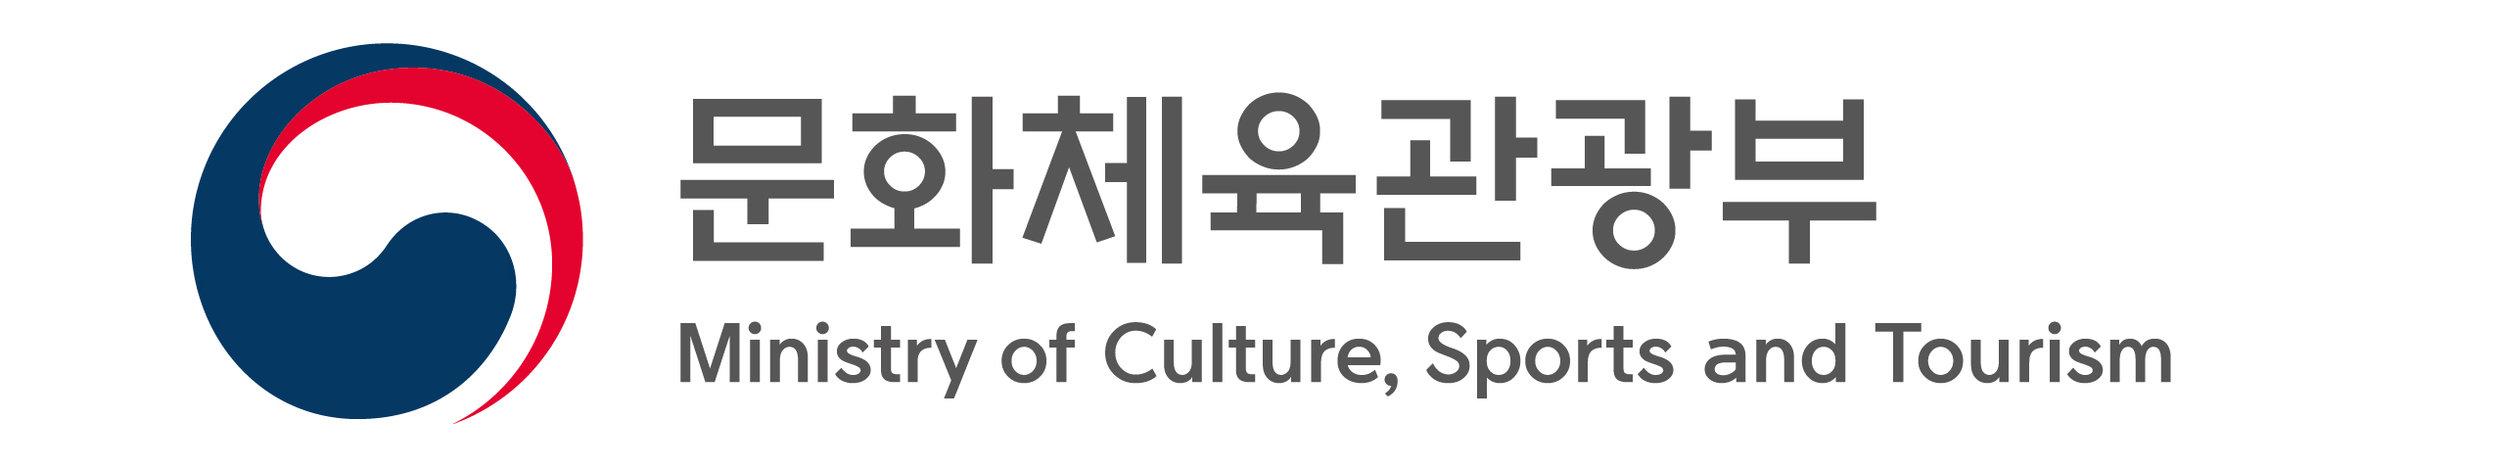 문화체육관광부_혼합_좌우2 (1).jpg